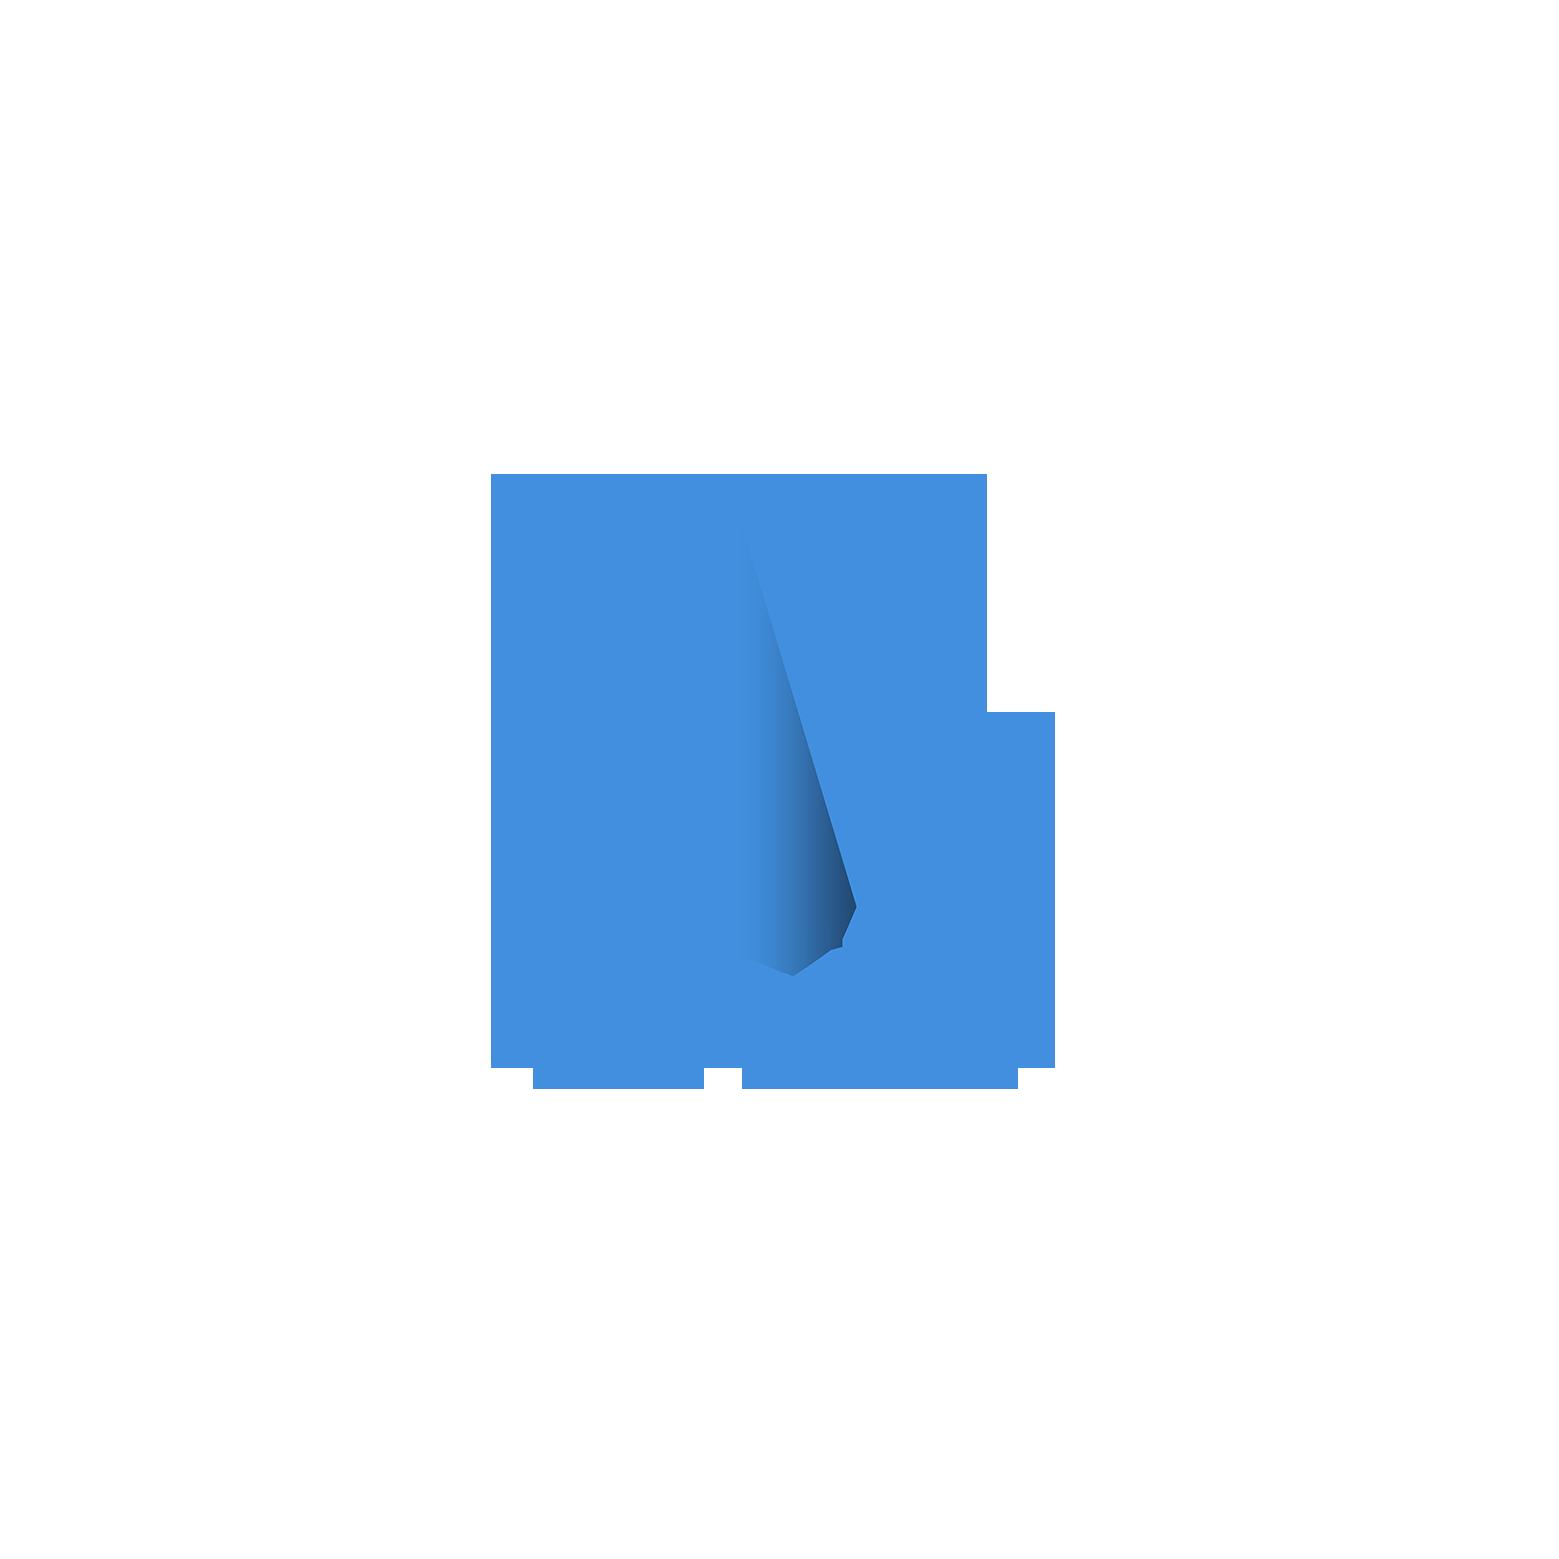 affidea-big.10b68573 copy.png